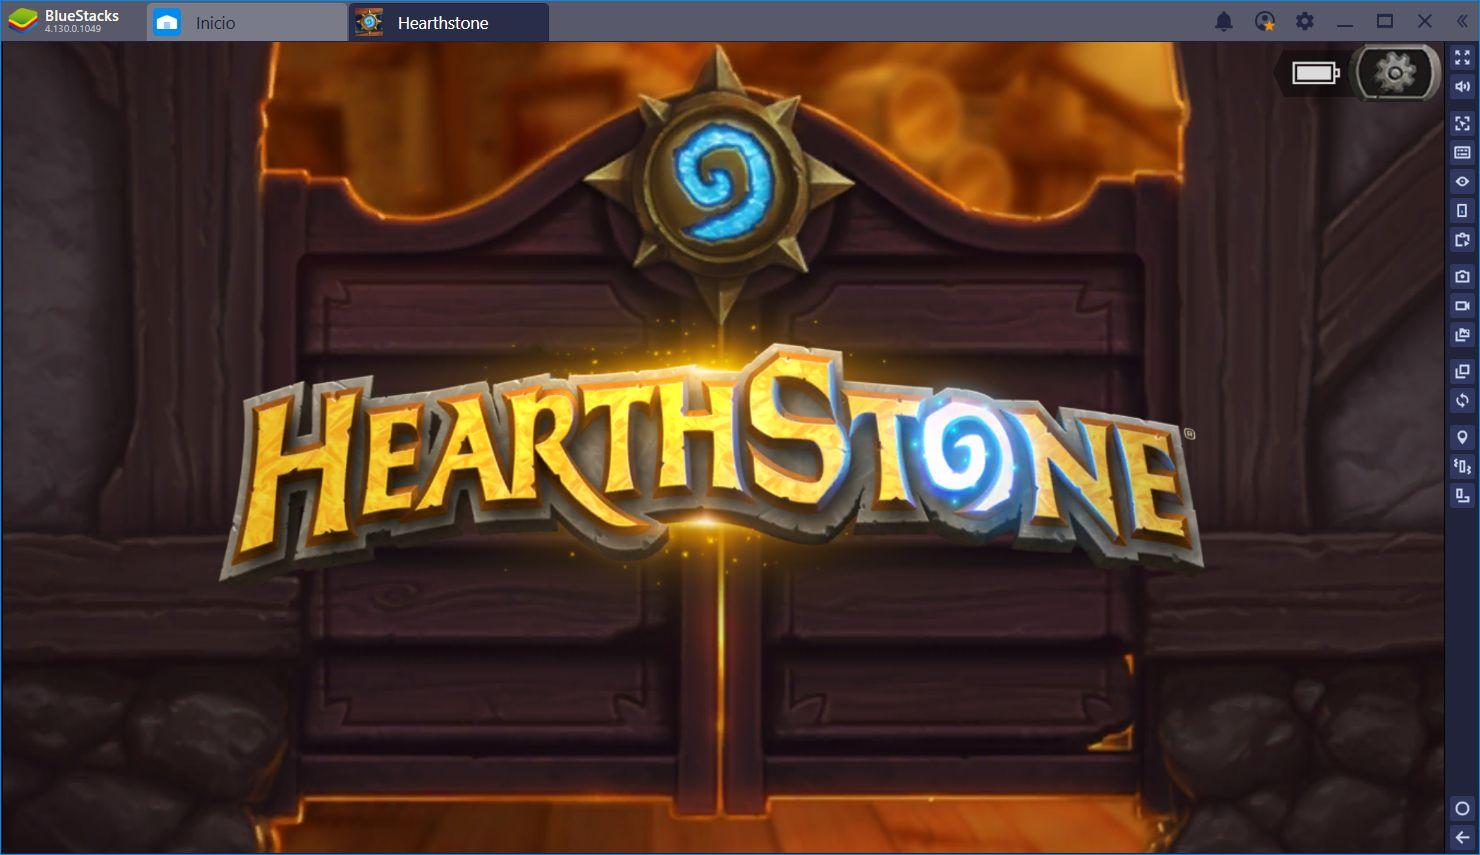 Hearthstone: ¿El Juego de Cartas Más Popular del Mundo?